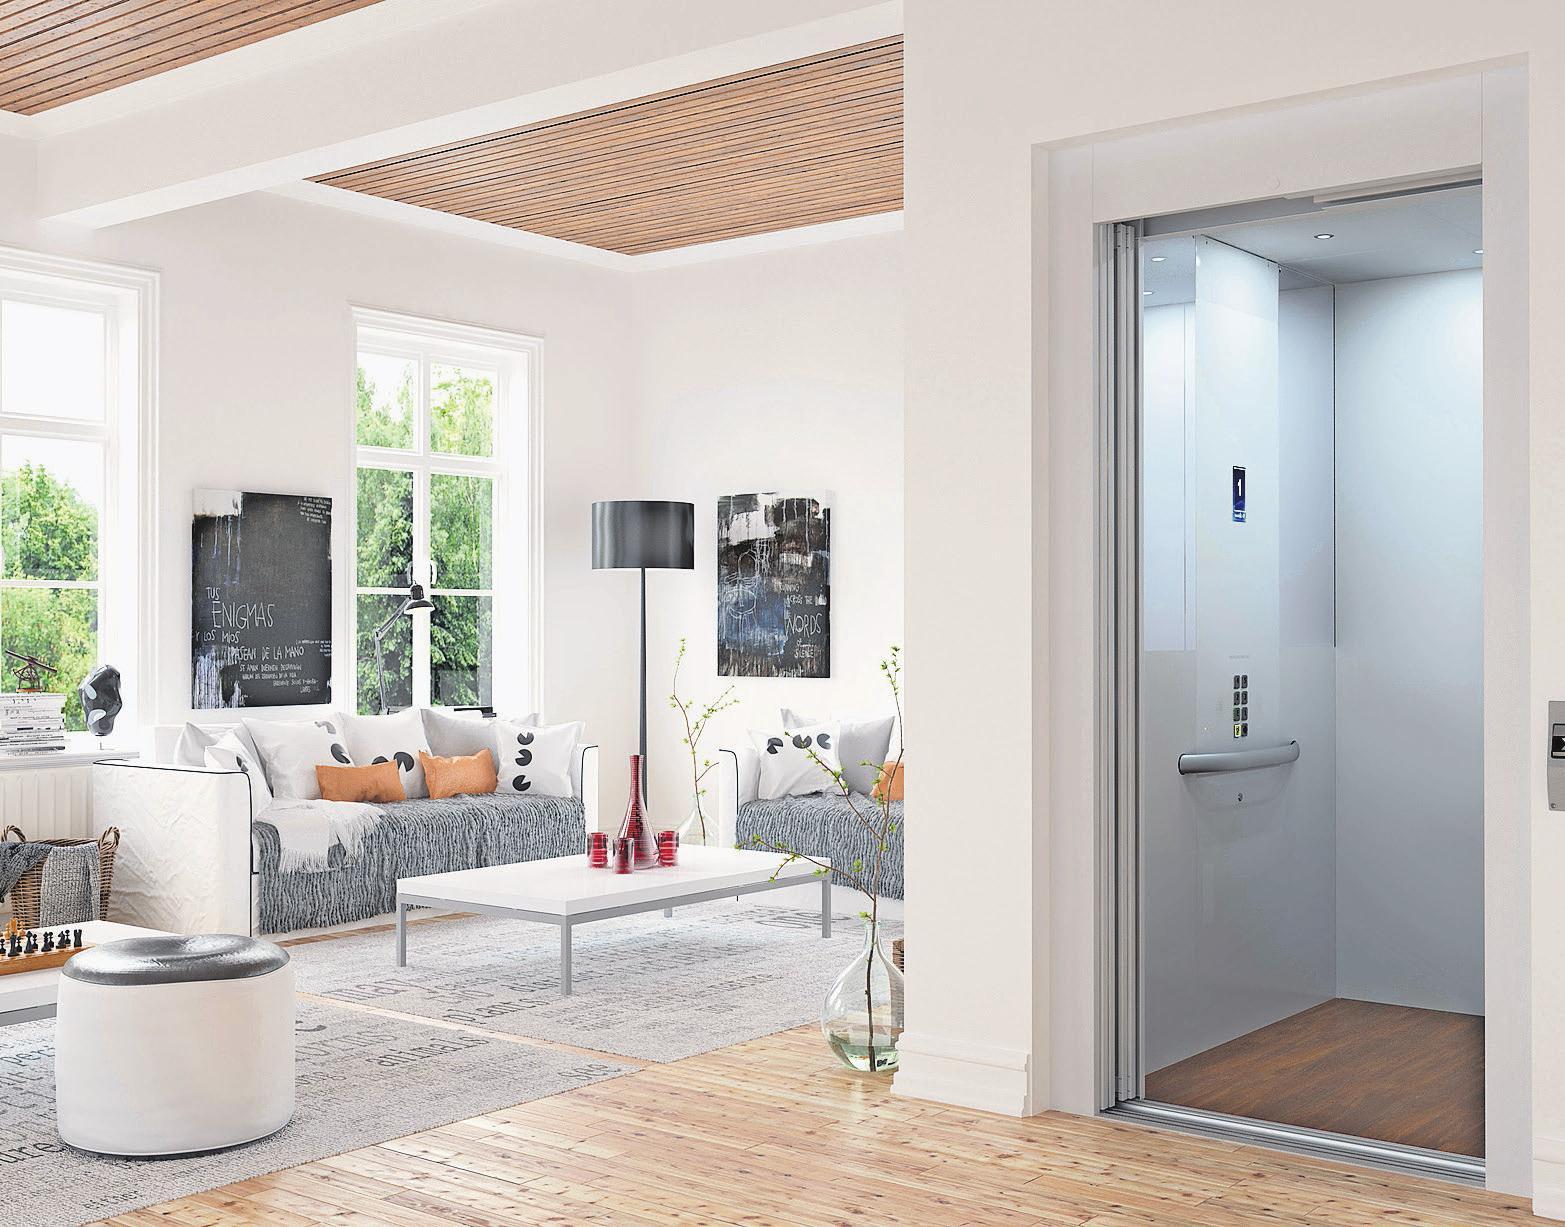 Erster Halt: Wohnzimmer. Kleine Aufzüge lassen sich in eigentlich fast allen Wohngebäuden einbauen. Foto: Cibes Lift AB/DVTP/dpa-mag